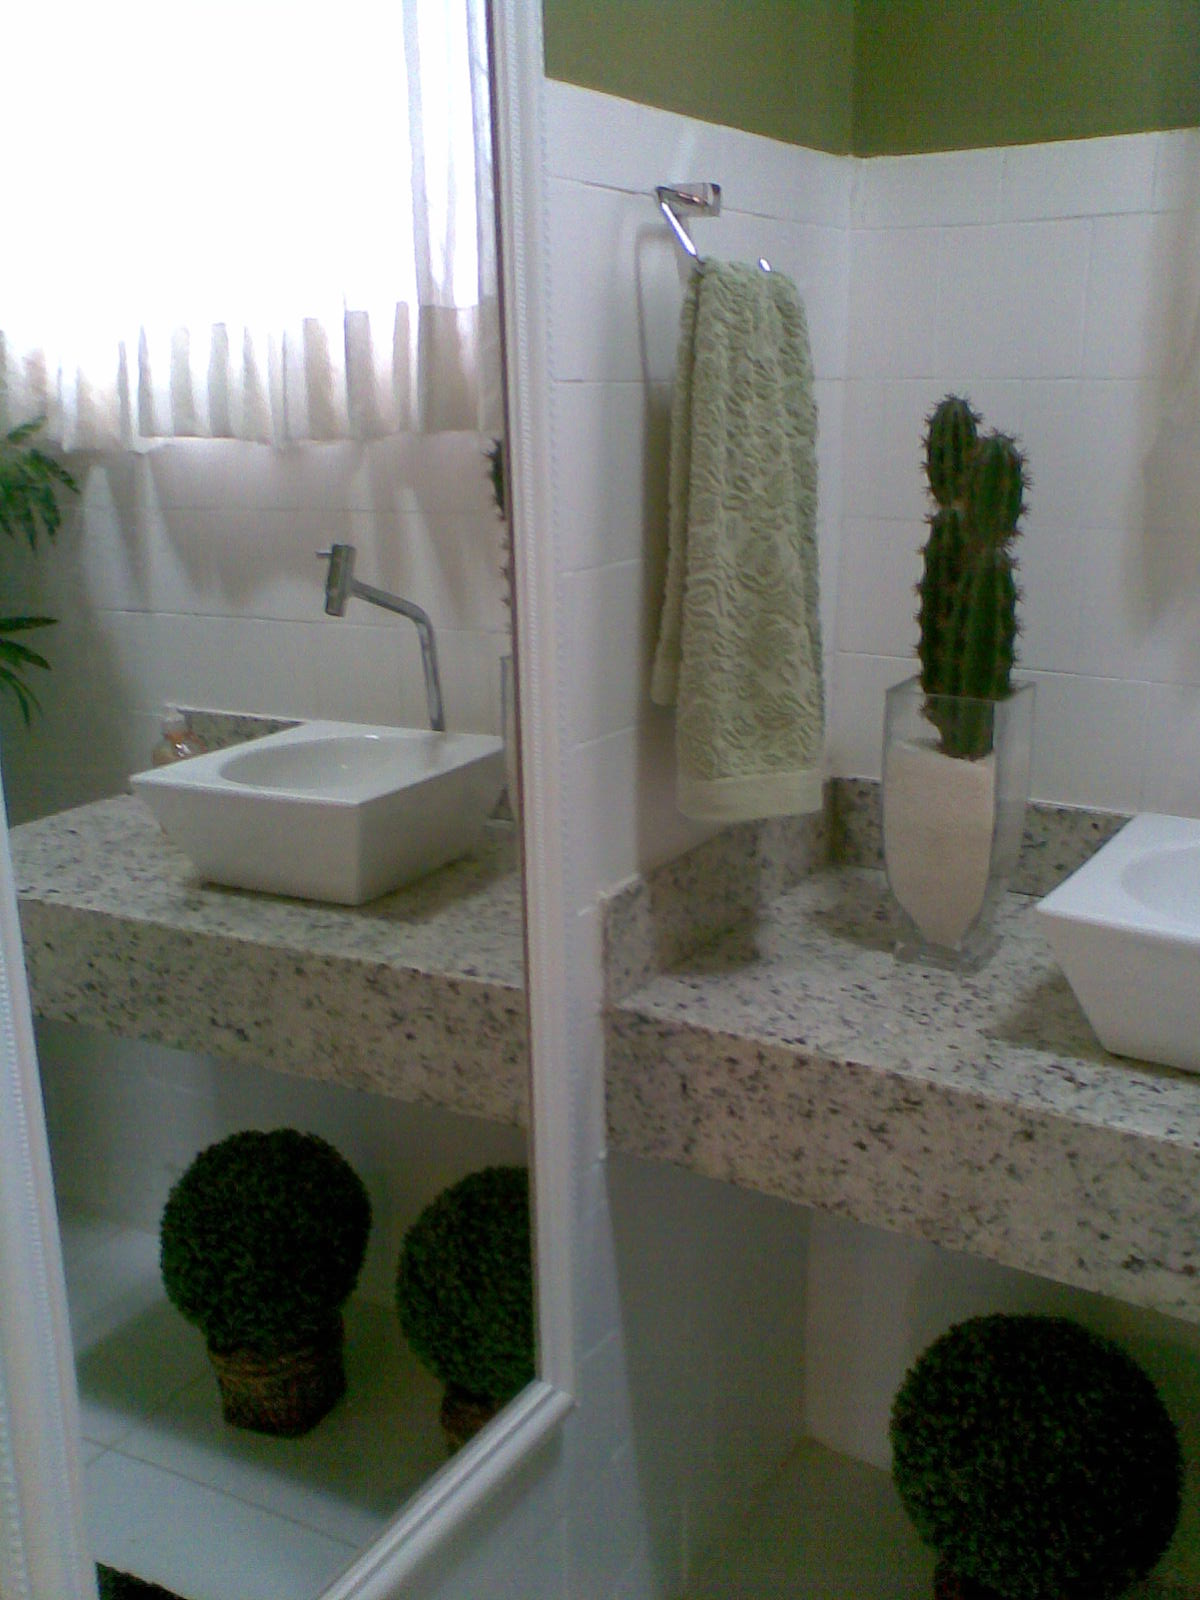 Os acessórios completaram o visual. O espelho retrô assume a  #4D593C 1200x1600 Acessorios Banheiro Retro